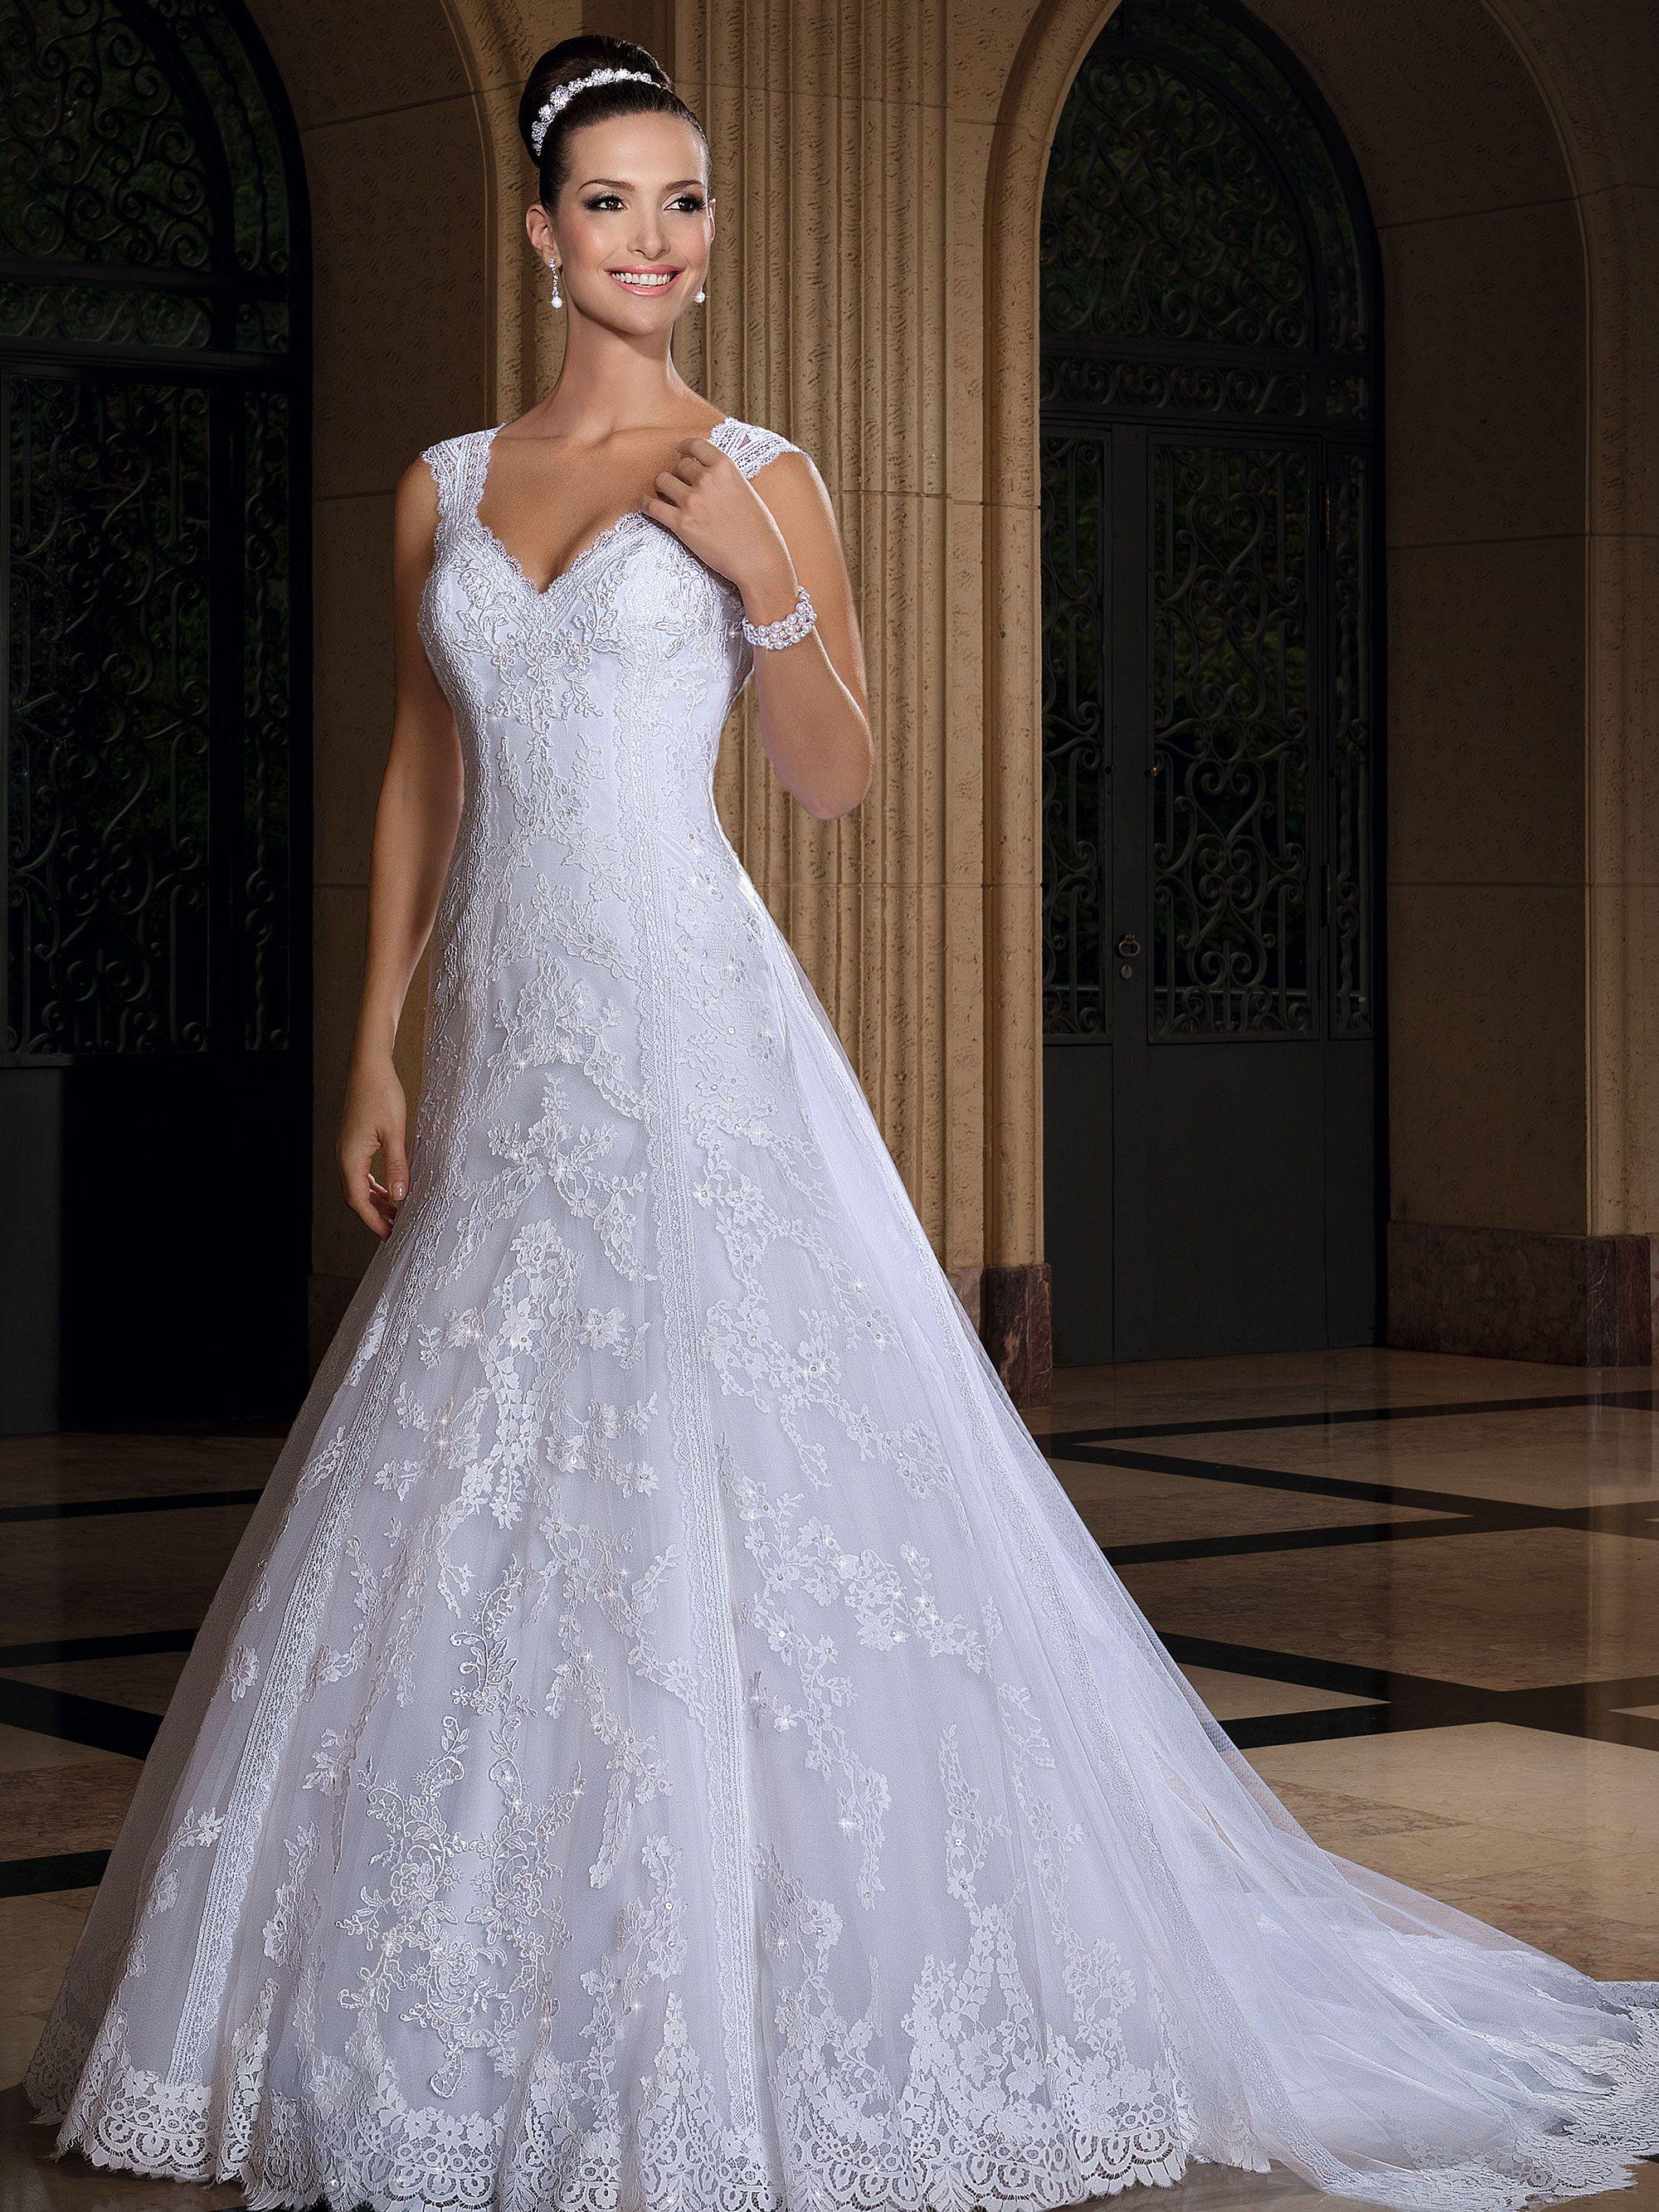 Vestidos de noiva - Coleção Jasmim | The bride wore... | Pinterest ...